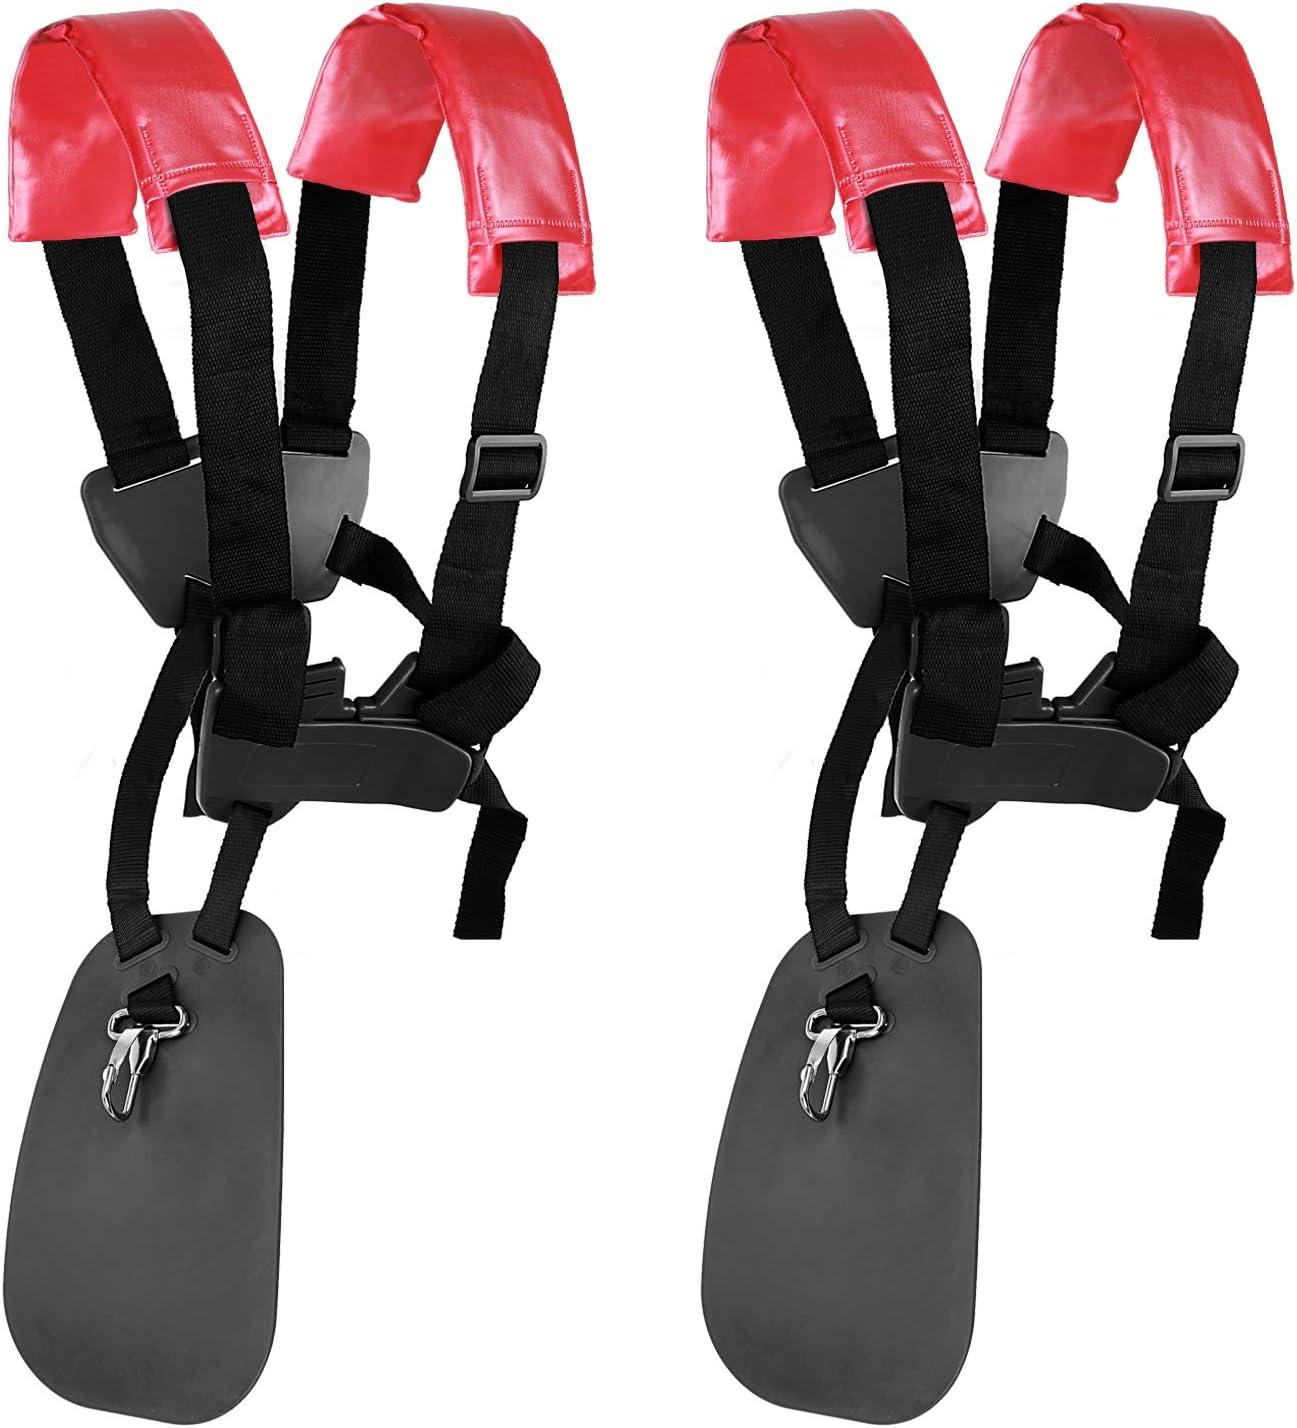 Hanperal Black Comfort Strap Double Shoulder,Trimmer Shoulder Strap for Harness,